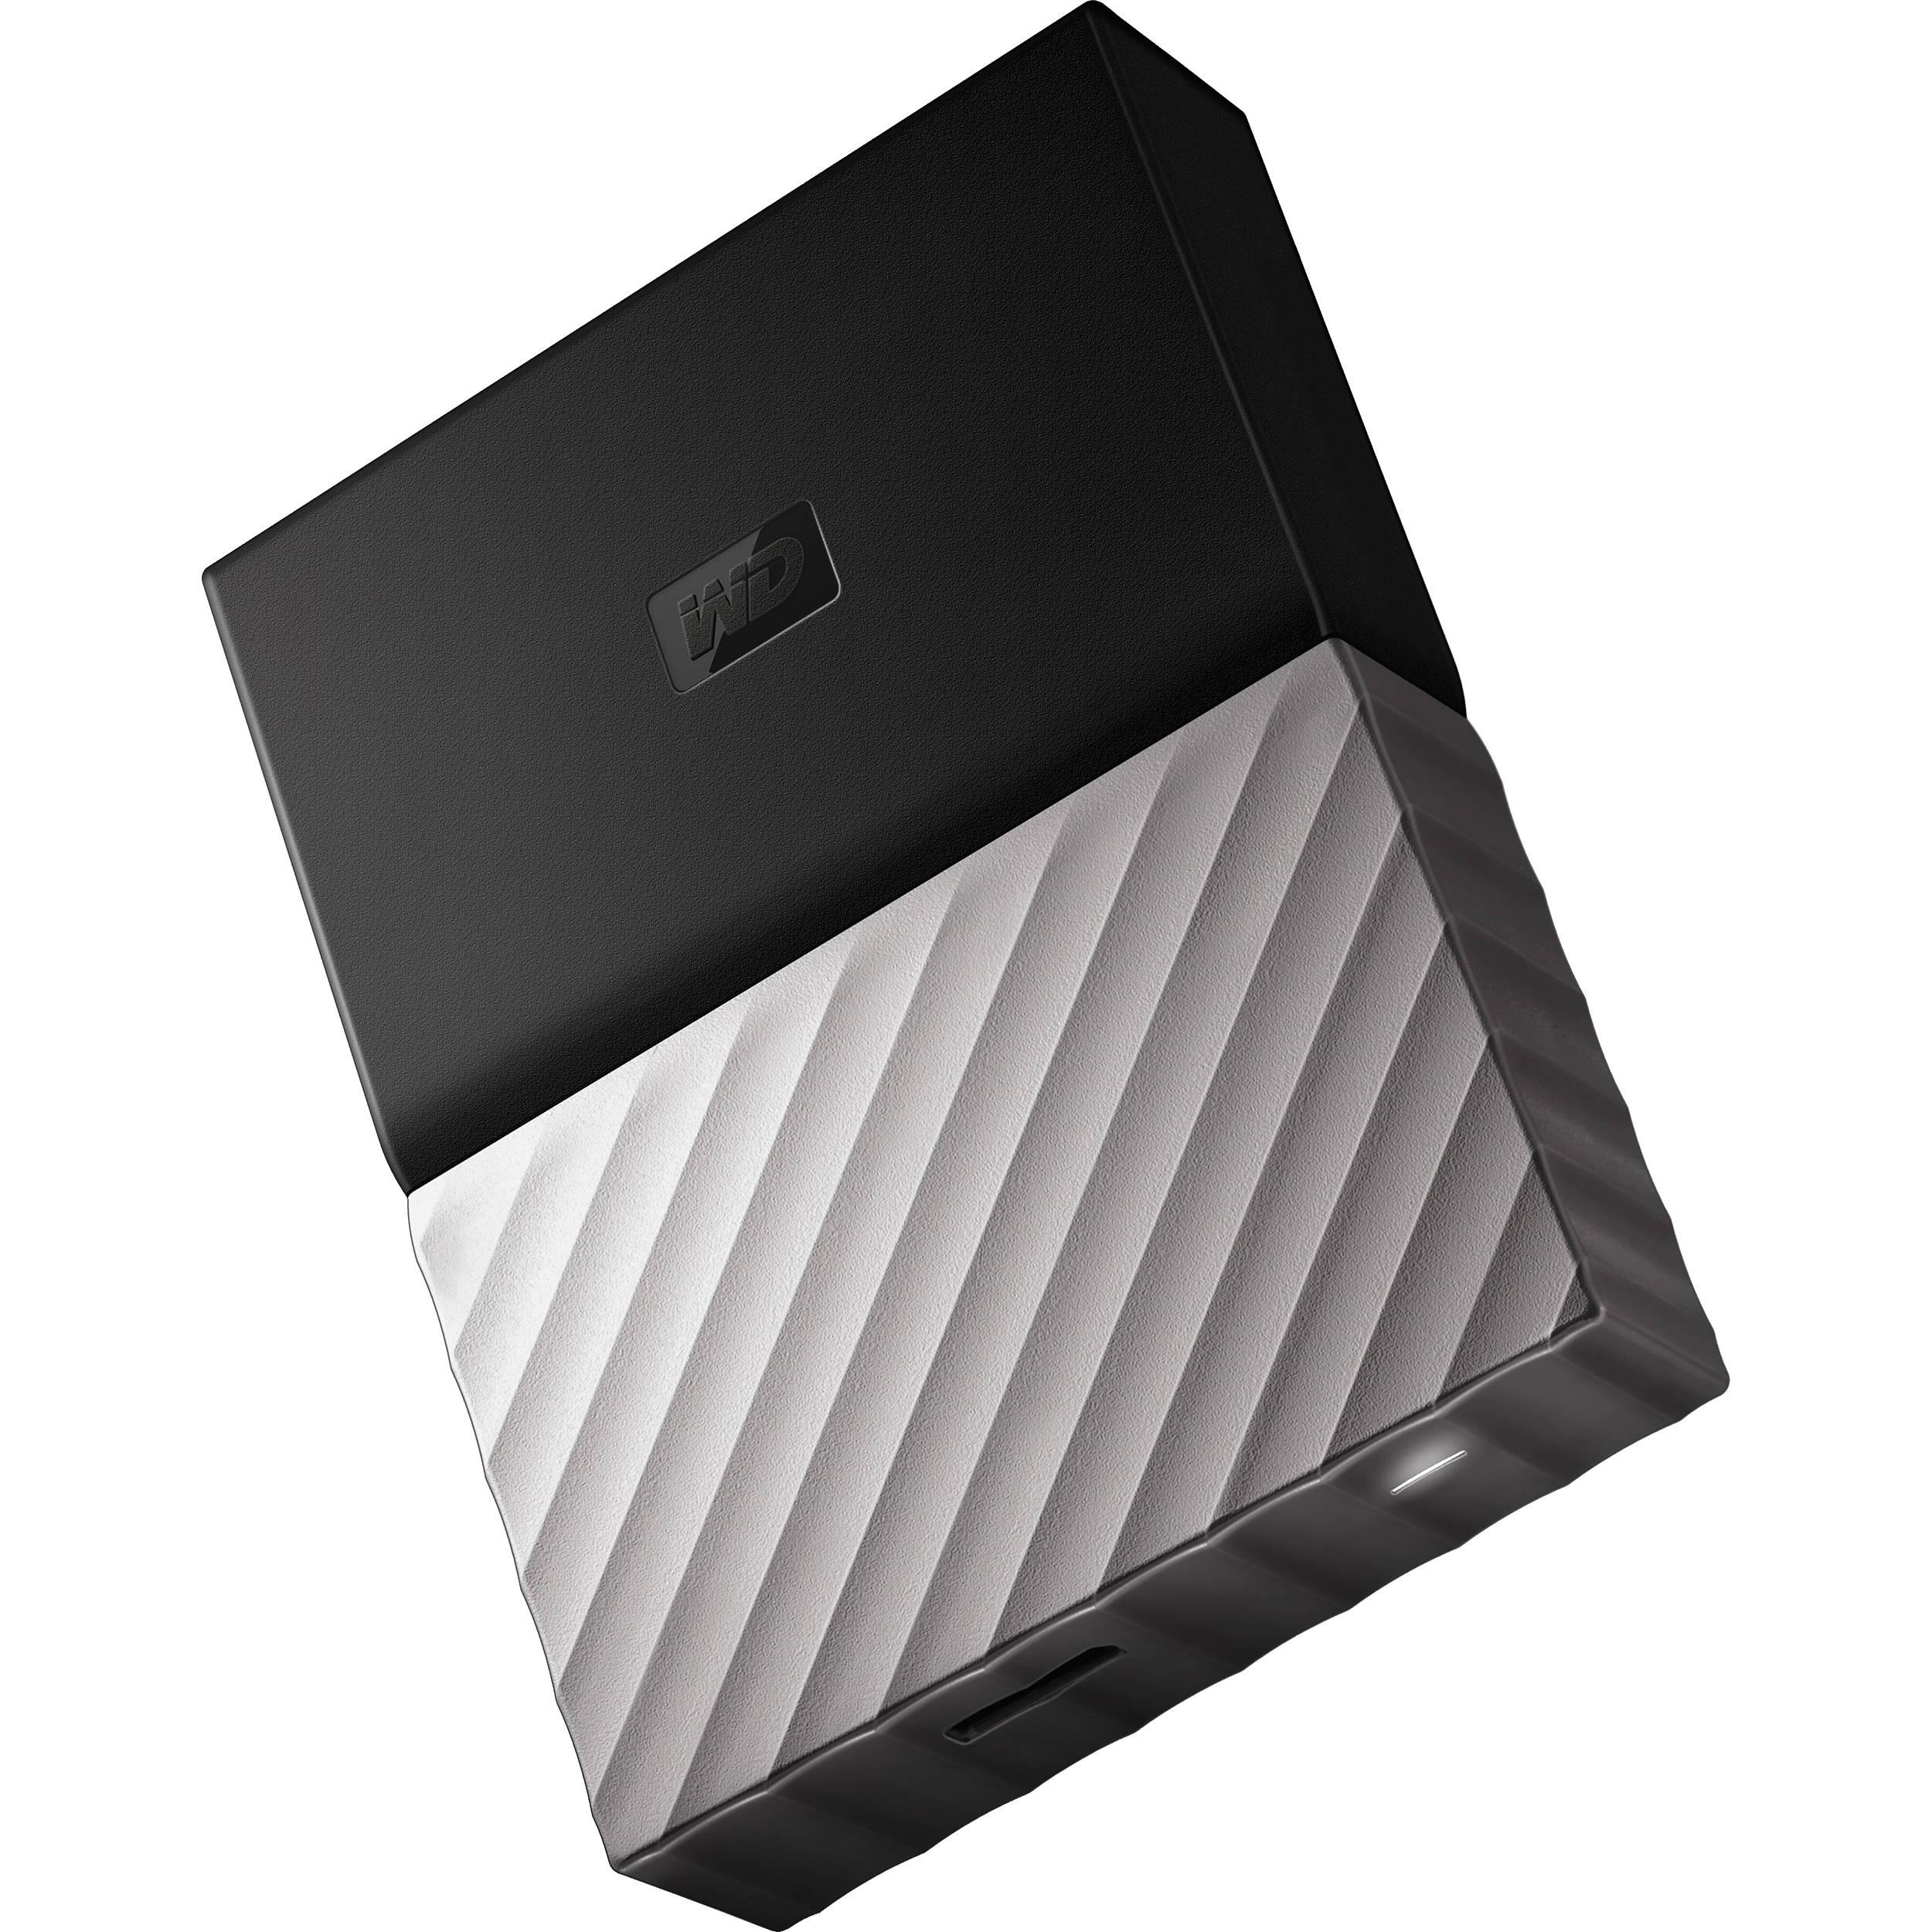 WD 3TB My Passport Ultra USB 3 0 External Hard Drive (Black/Gray)